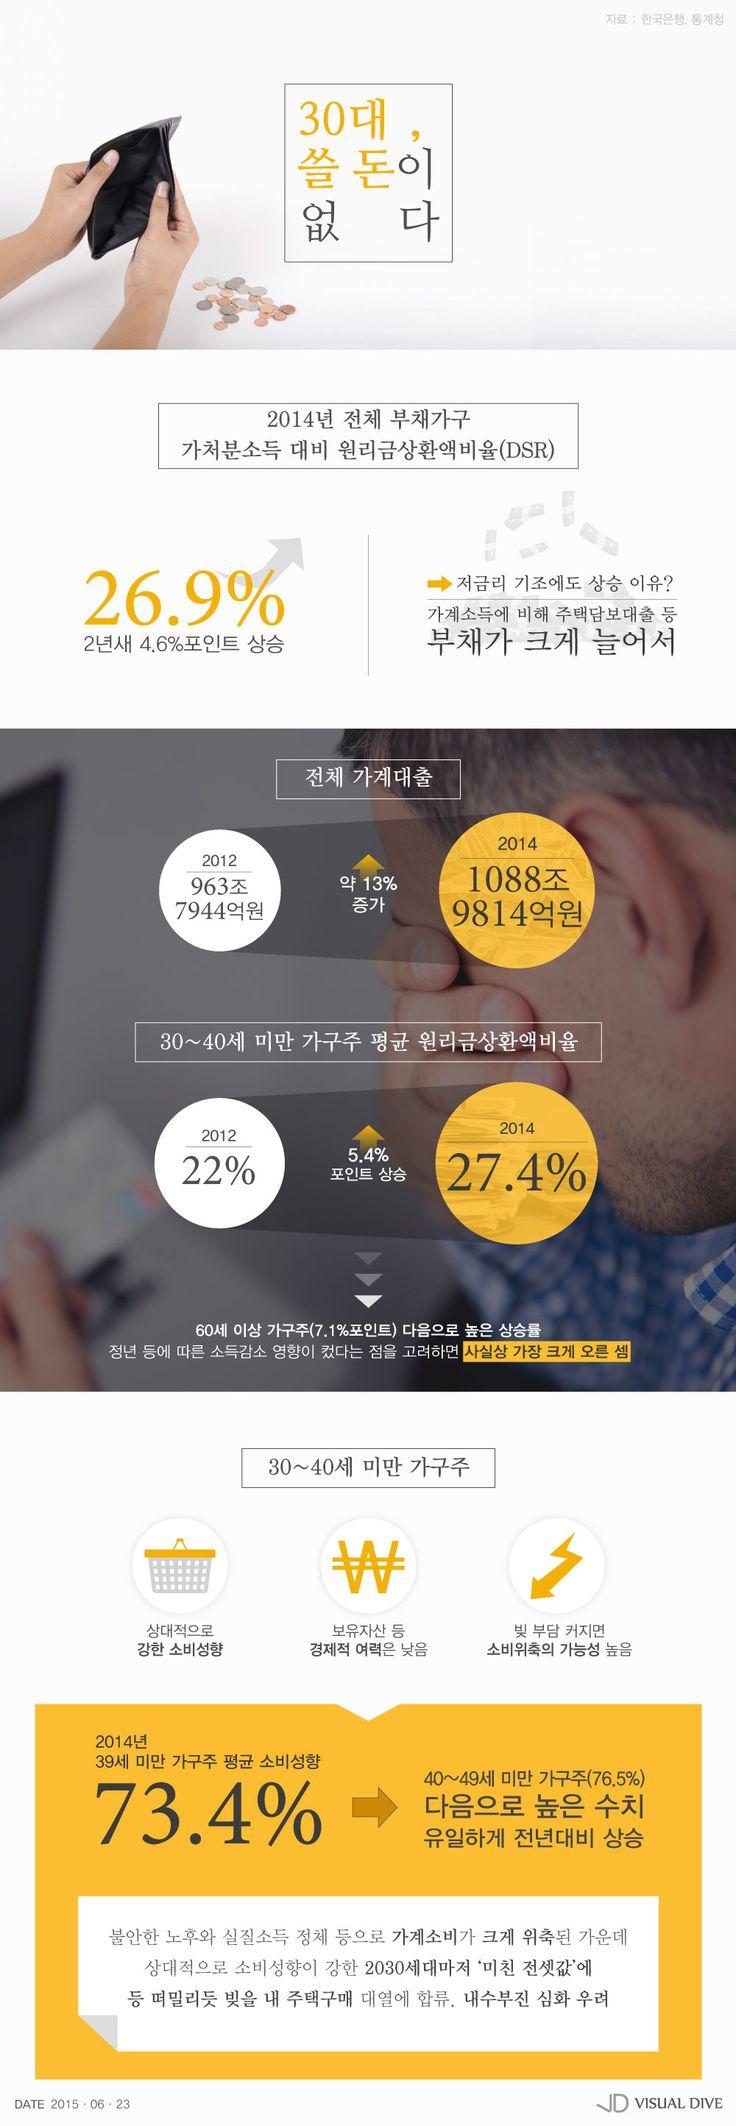 """'갚을 돈' 늘어나는 30대…""""쓸 돈이 없다"""" [인포그래픽] #Money / #Infographic ⓒ 비주얼다이브 무단 복사·전재·재배포 금지"""